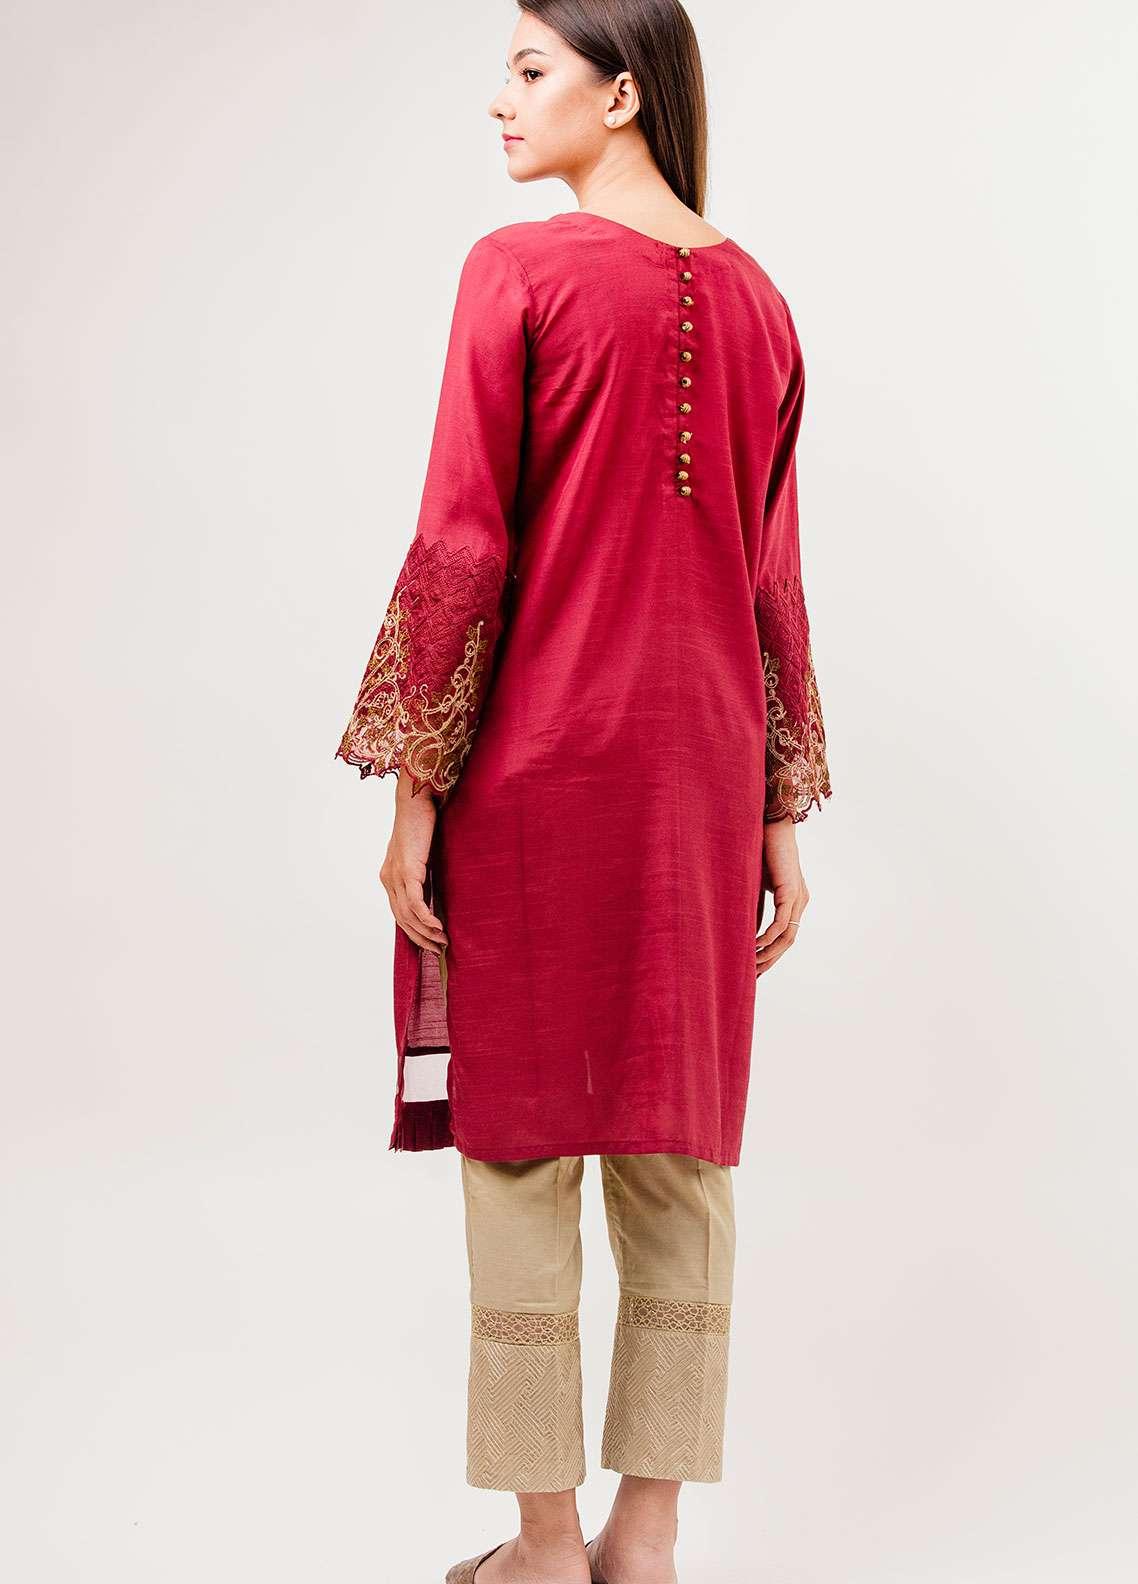 Dhanak Embroidered Raw Silk Stitched Kurtis MAROON DA-0642